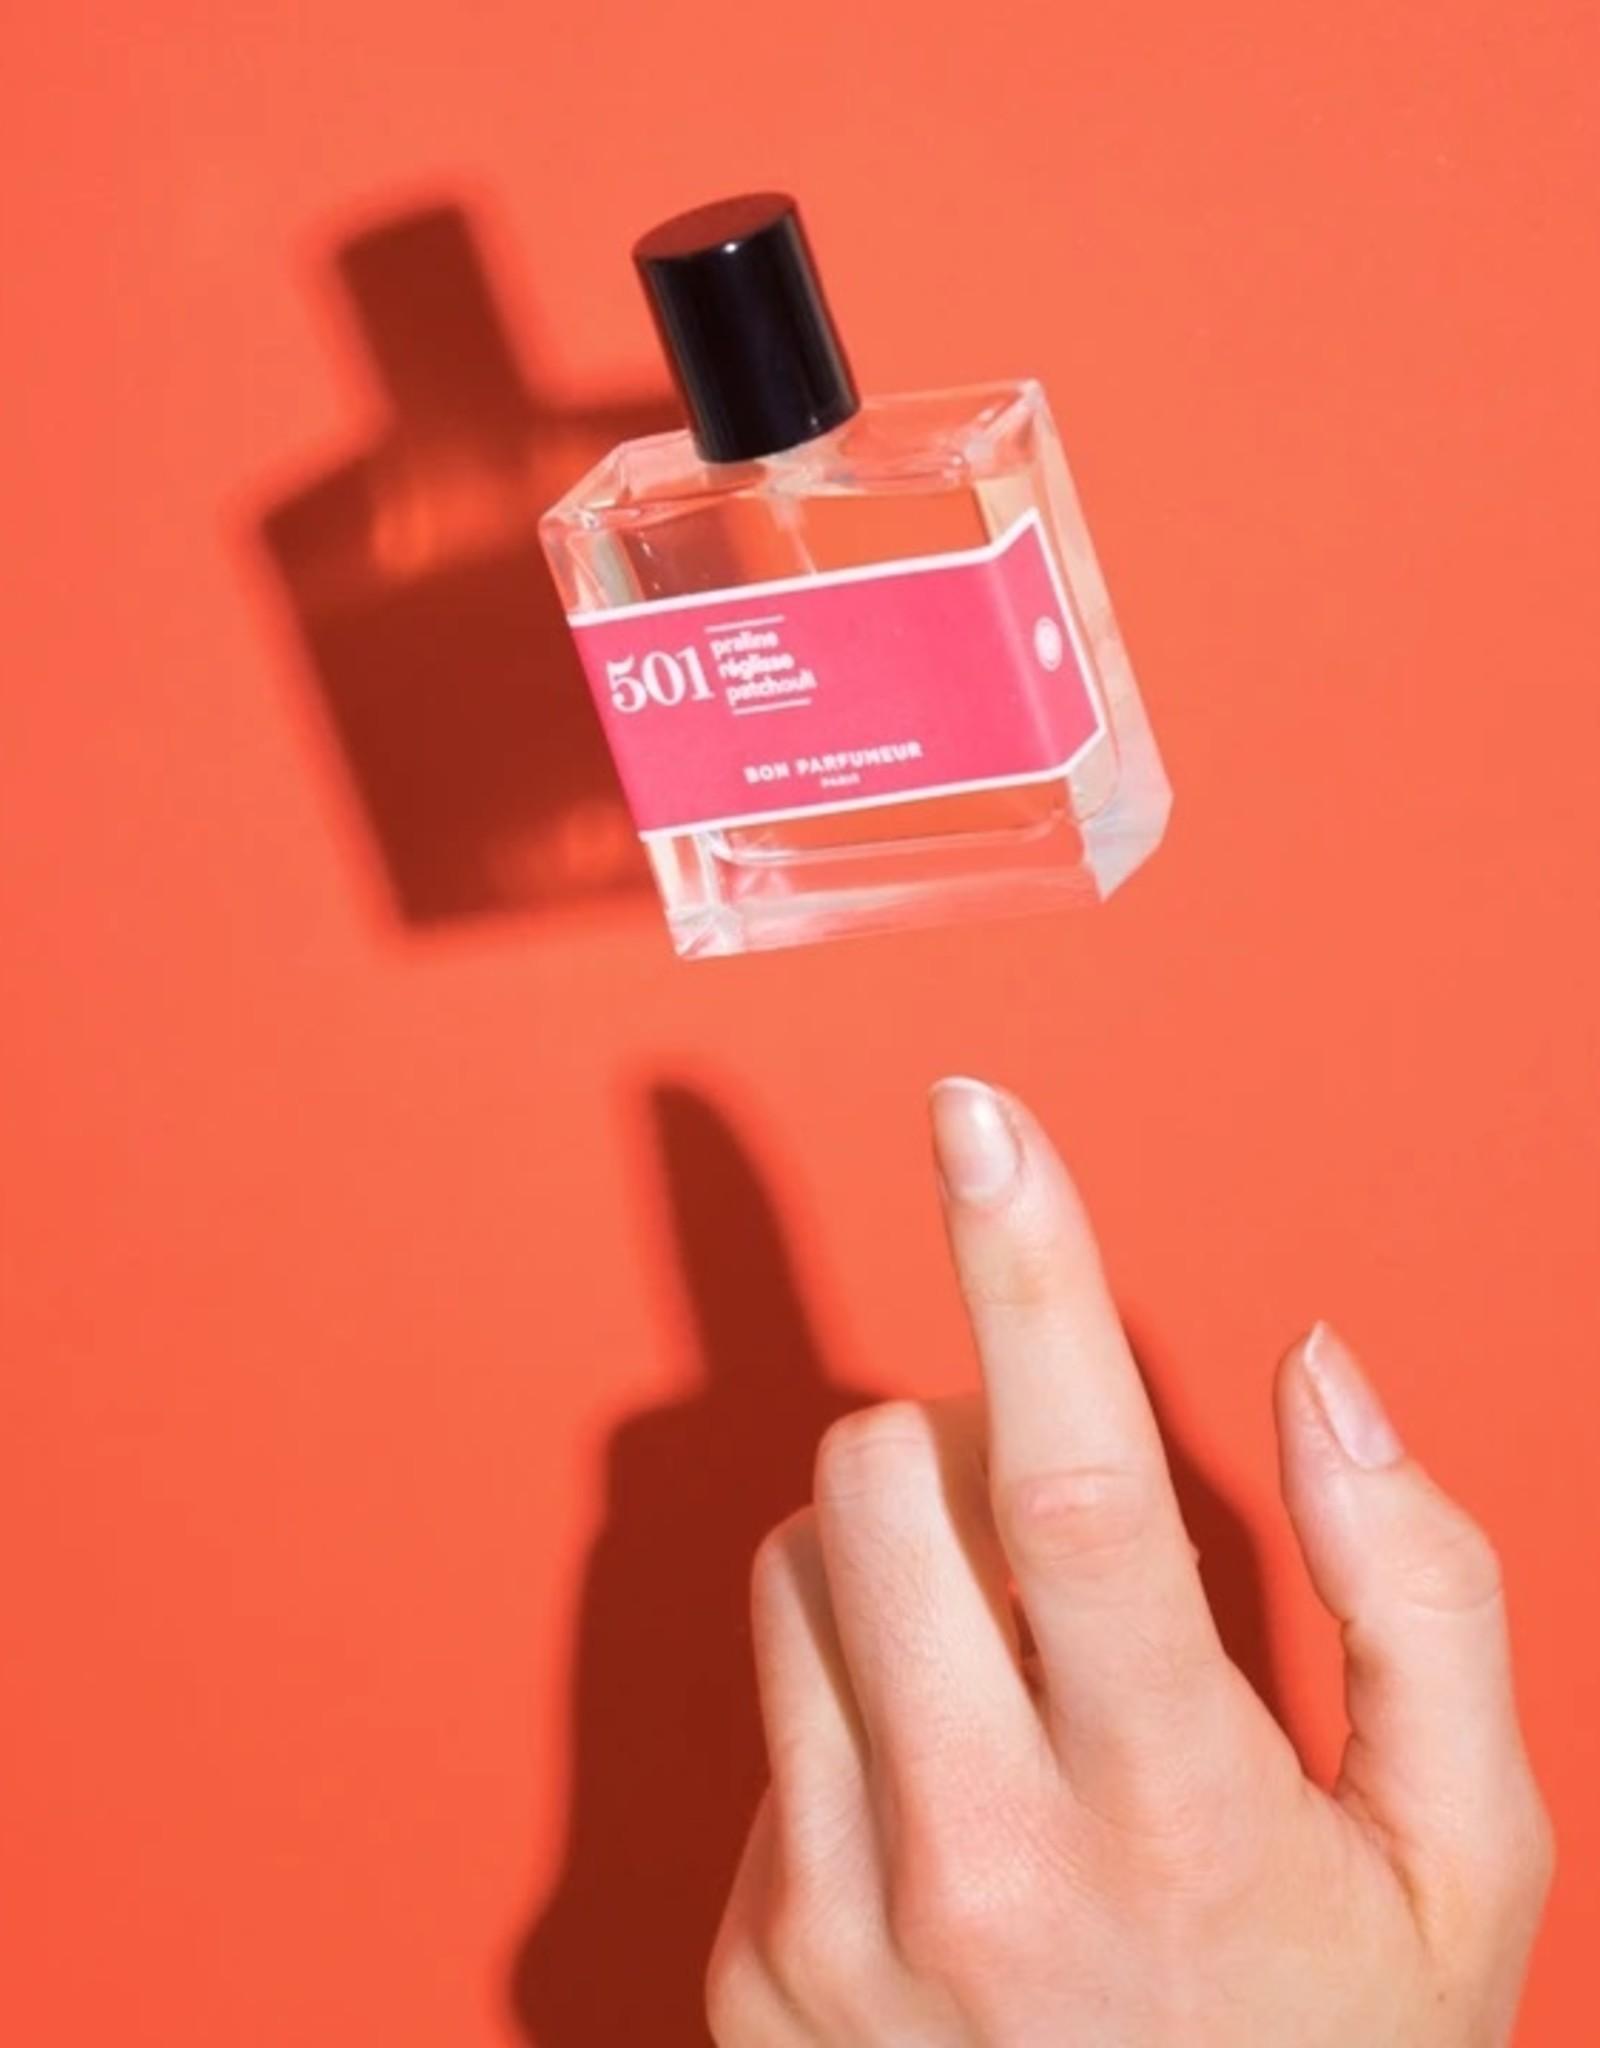 Eau de Parfum 501